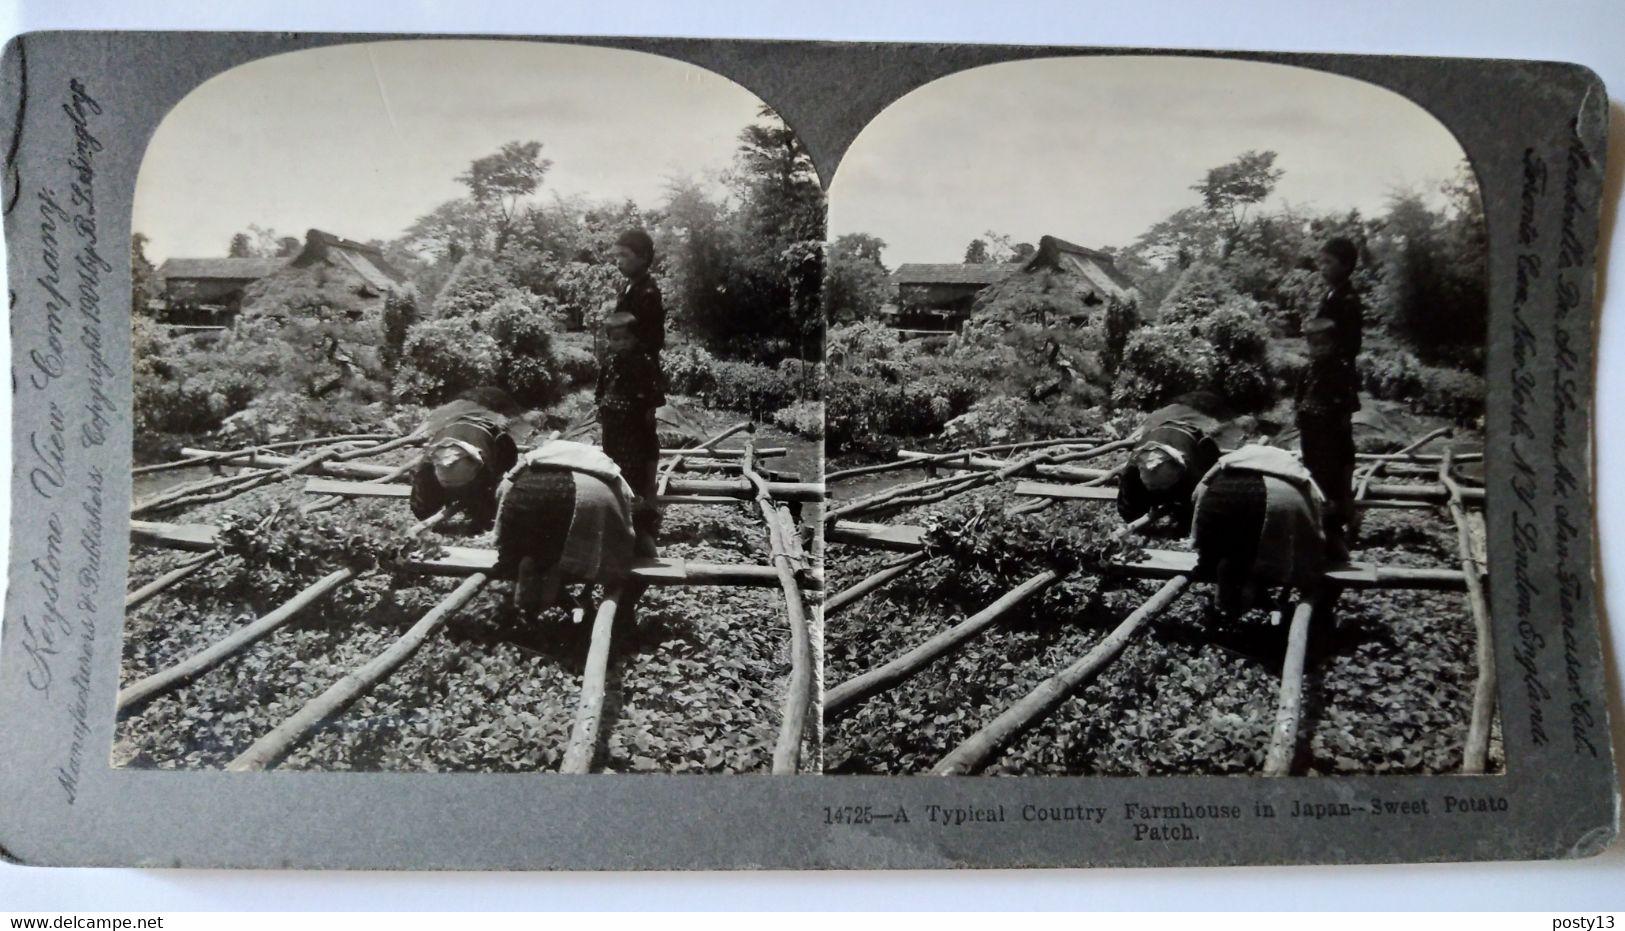 PHOTO STÉRÉO Japon - Culture De La Patate Douce -  1904 - Cliché De B. L. Singley - A Voir ! Ed. Keystone - TBE - Stereoscopio